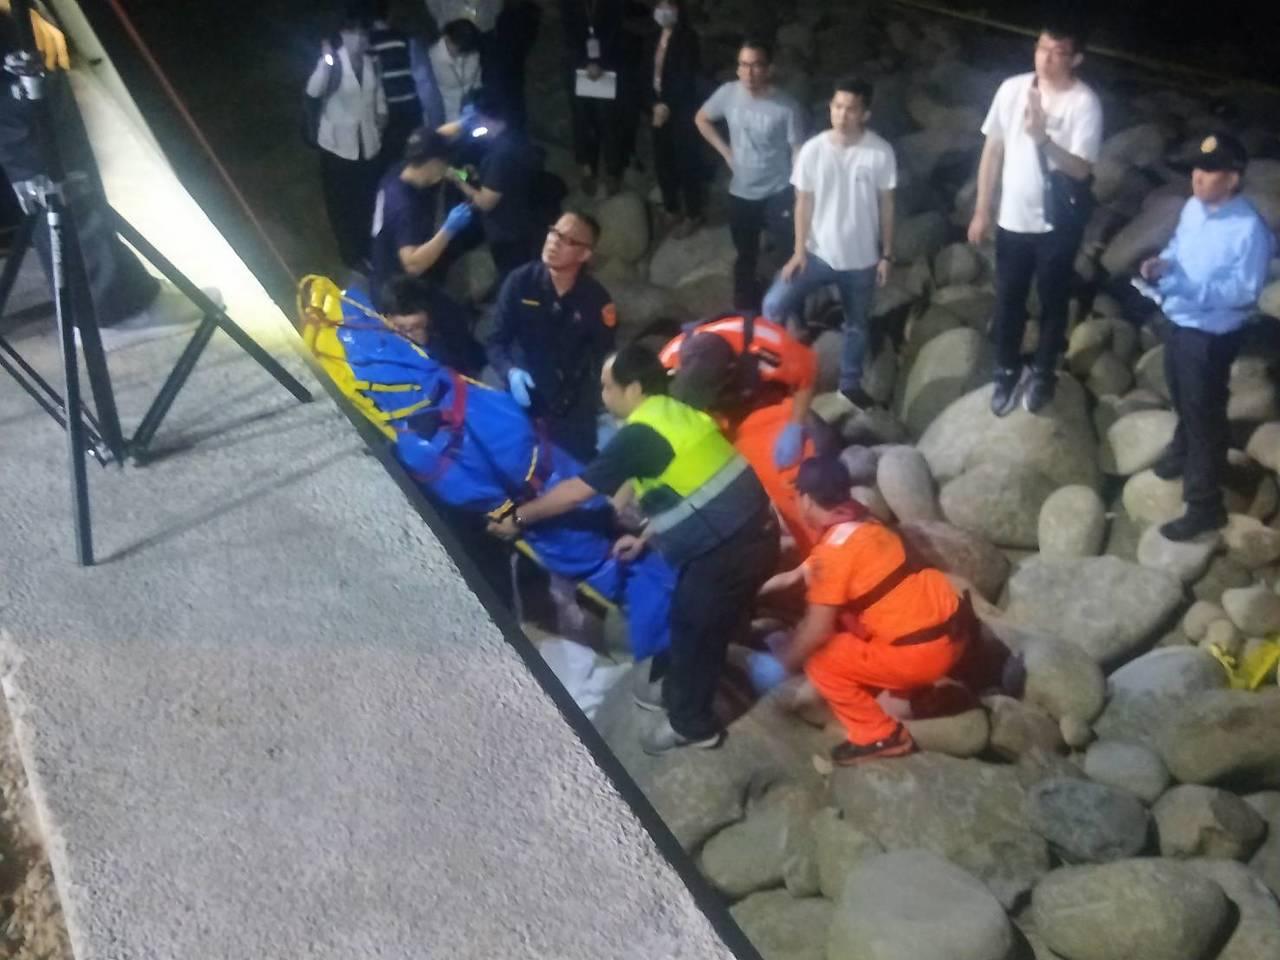 新北市泰山姊弟命案中失蹤的吳姓父親,今天傍晚被發現陳屍金山中角沙灘附近礁石上,經...